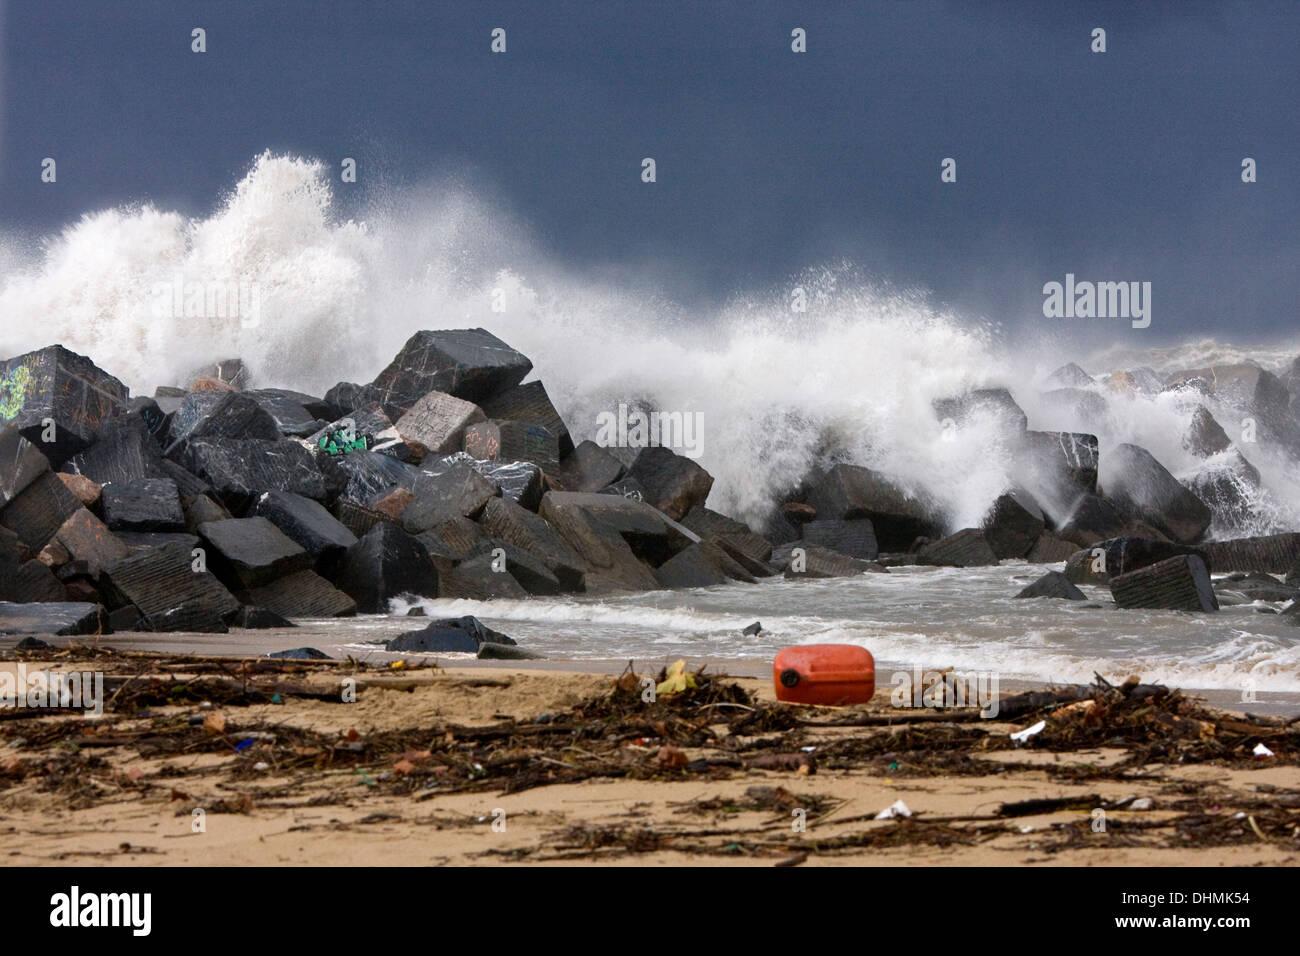 Contamination in Zurriola beach, Donostia - San Sebastián, Basque Country - Stock Image